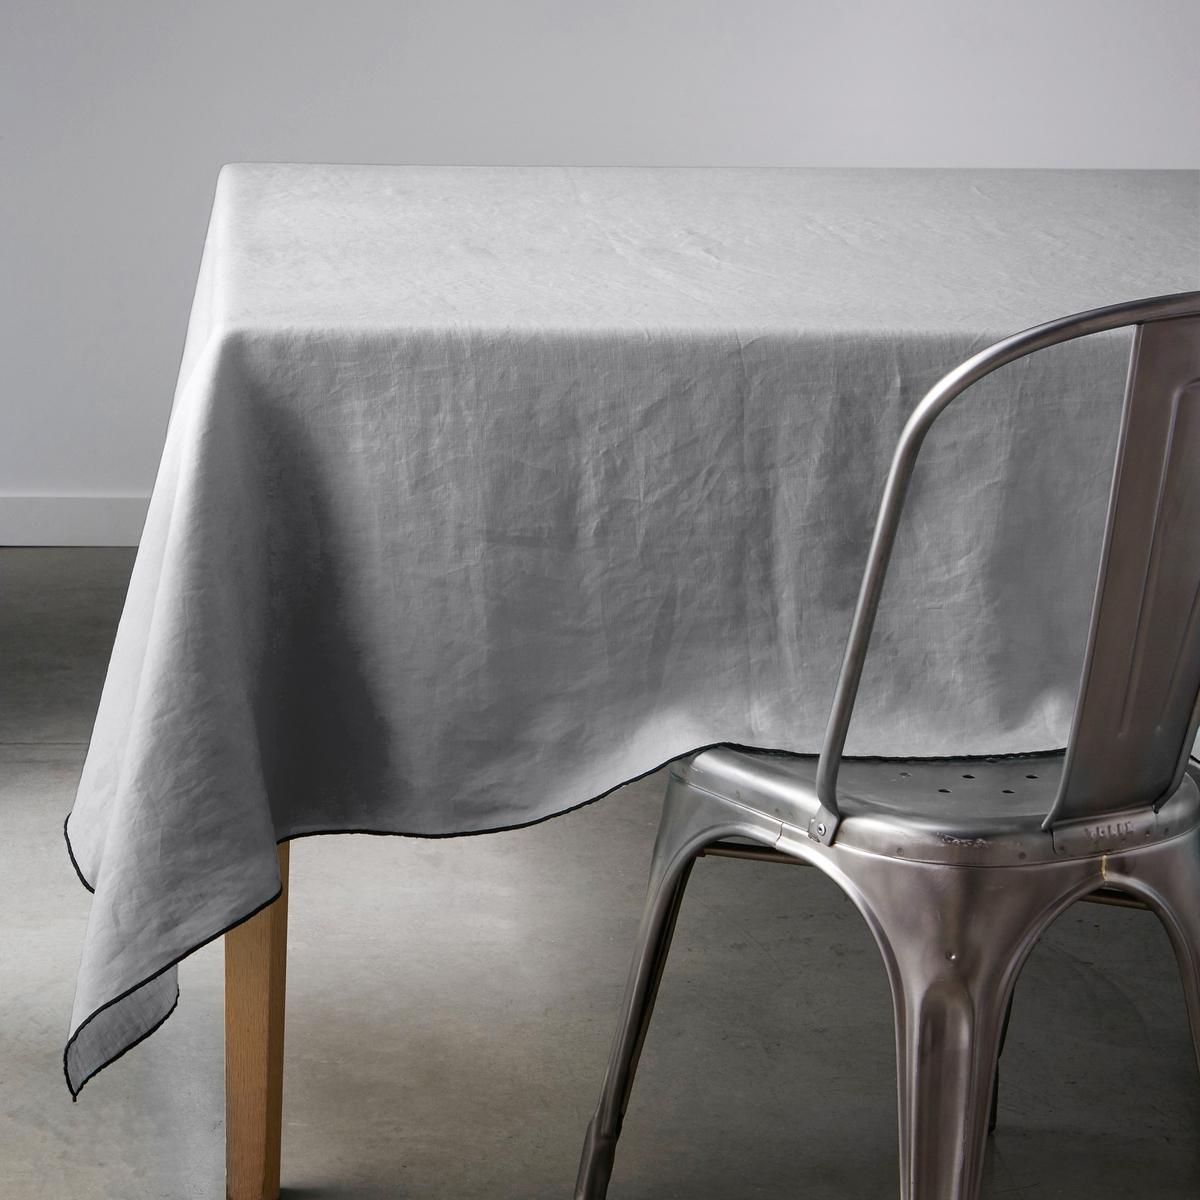 Скатерть LaRedoute Из 100 льна Suzy 180 x 250 см серый